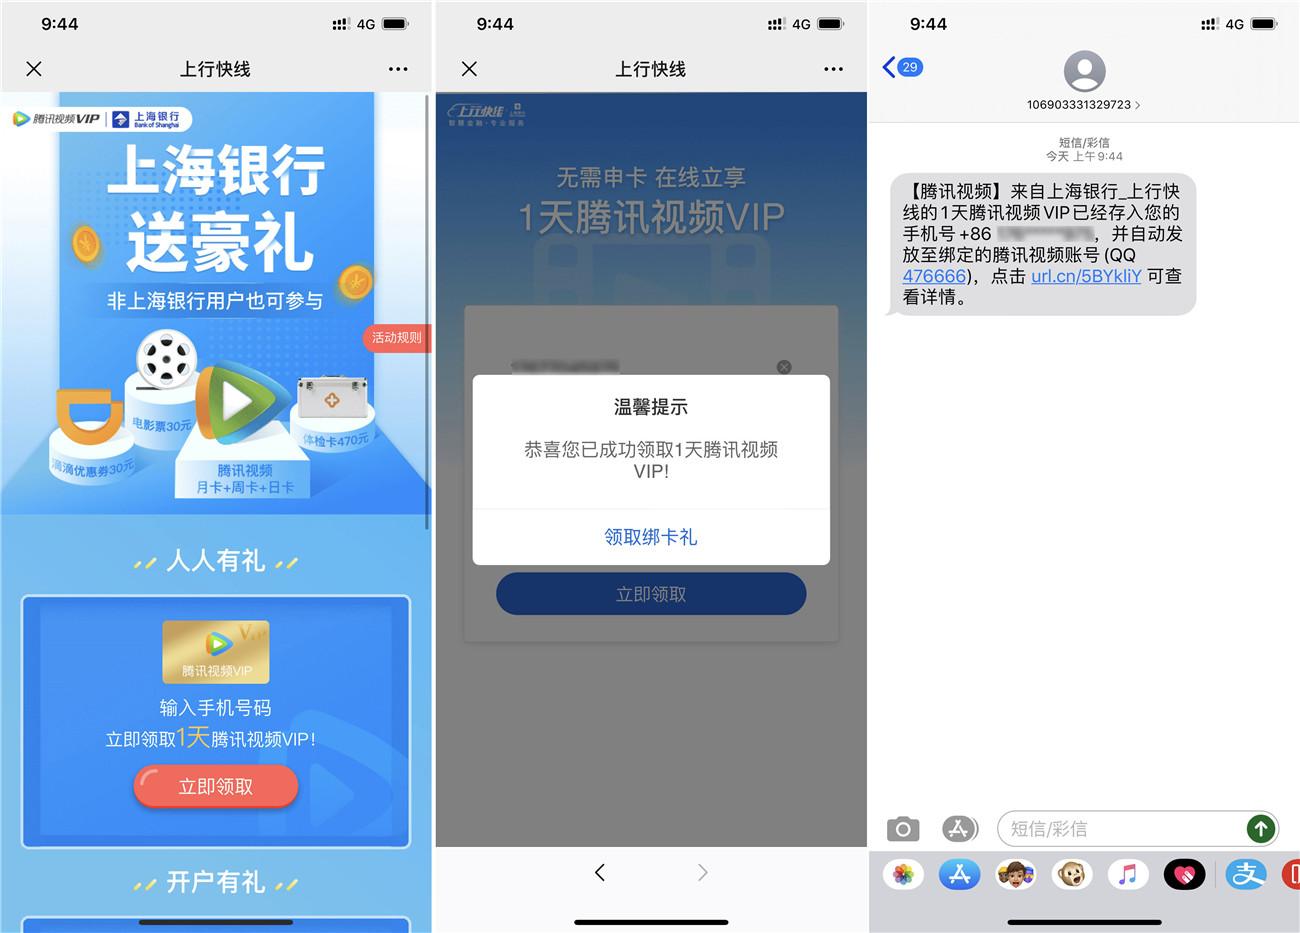 上海快线领1天腾讯视频VIP